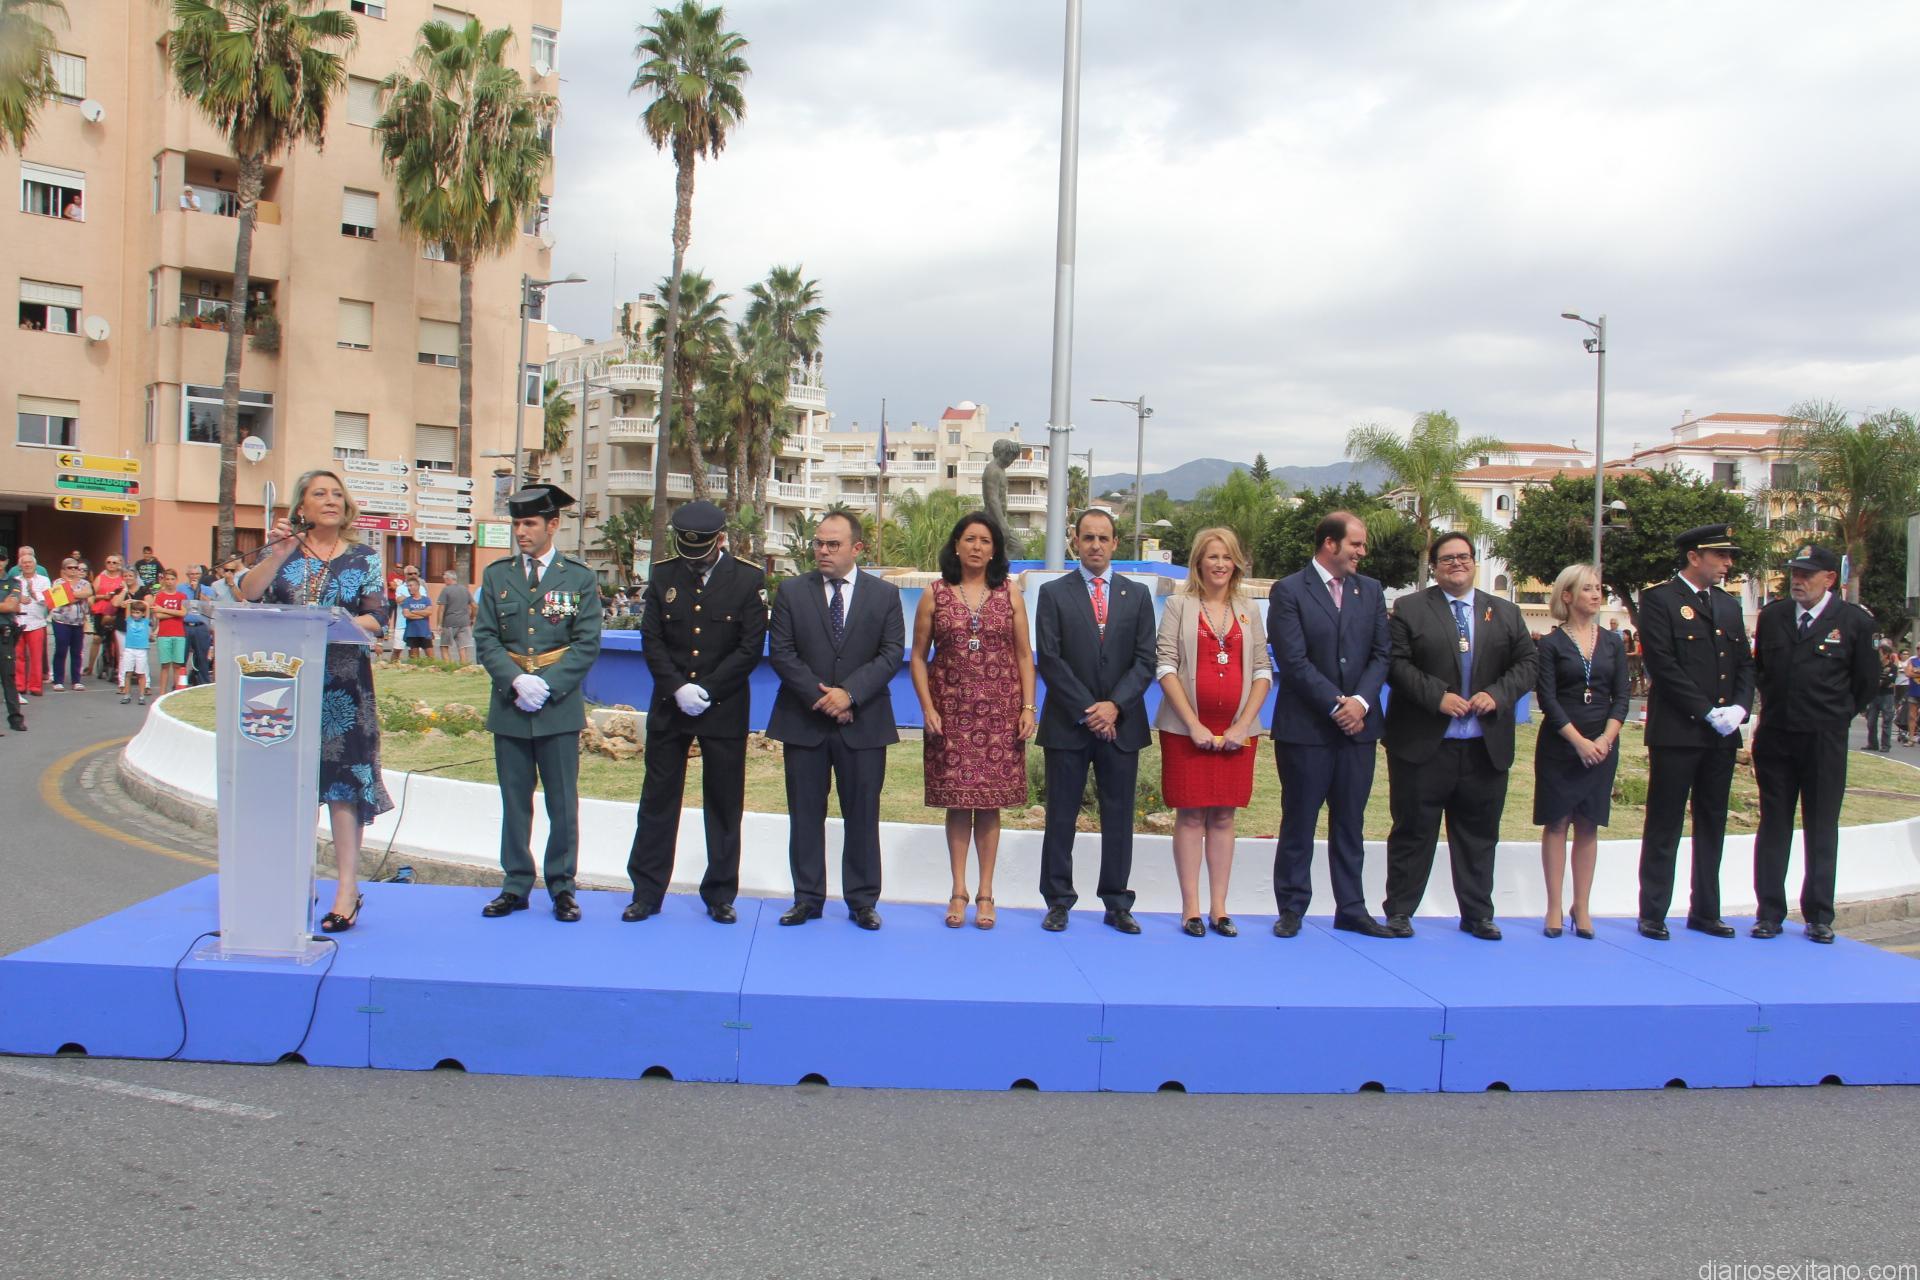 ALCALDESA ALMUÑECAR Y MIEMBROS EQUIPO GOBIERNO LECTURA MANIFIESTO